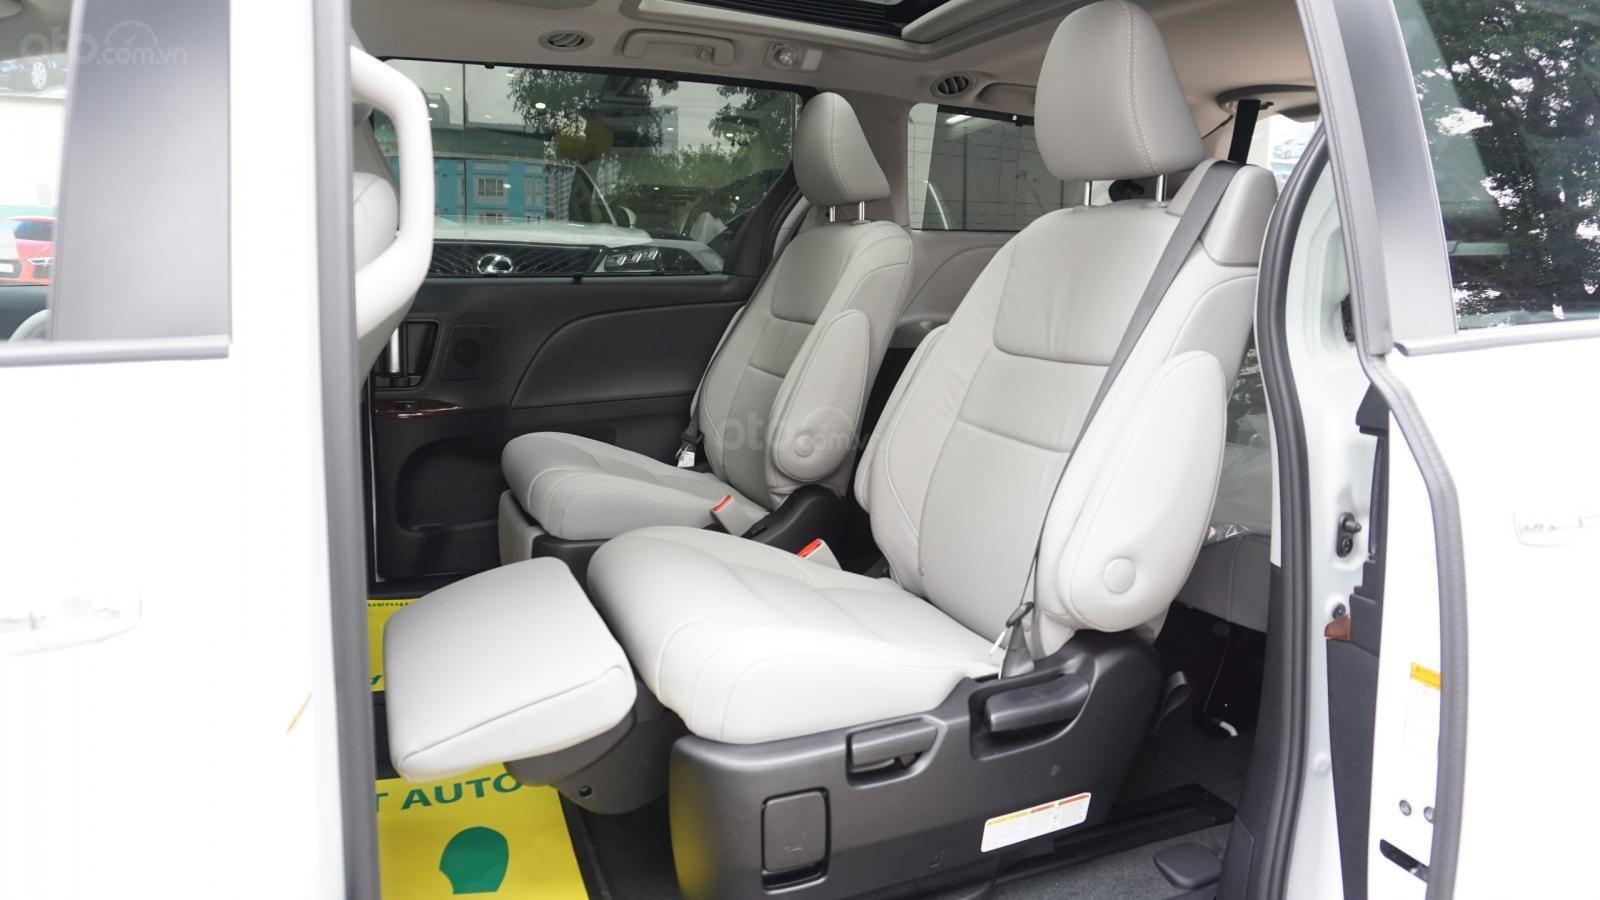 Bán Toyota Sienna Limited 1 cầu 2020 giao ngay, giá tốt nhất, LH 094.539.2468 Ms Hương (16)